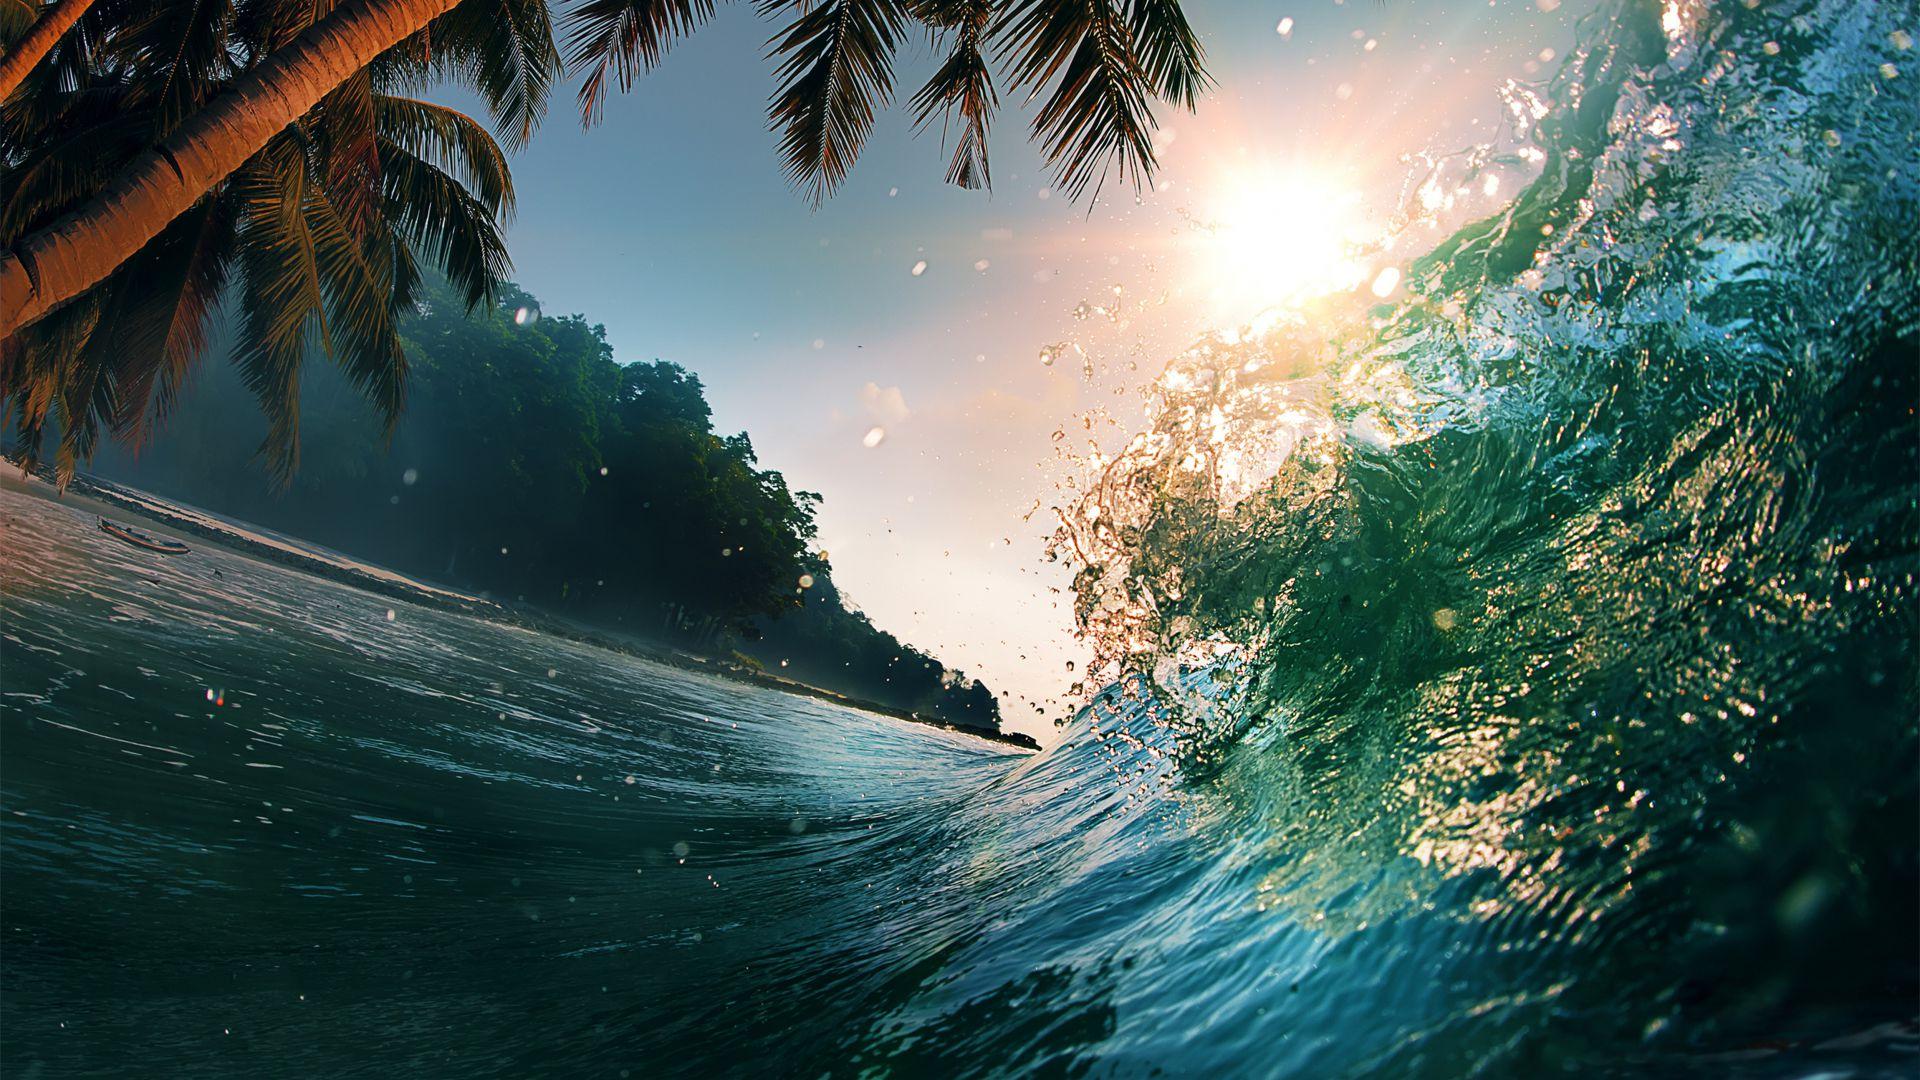 Wallpaper wave 5k 4k wallpaper 8k ocean palms sun for Wallpaper home 5k